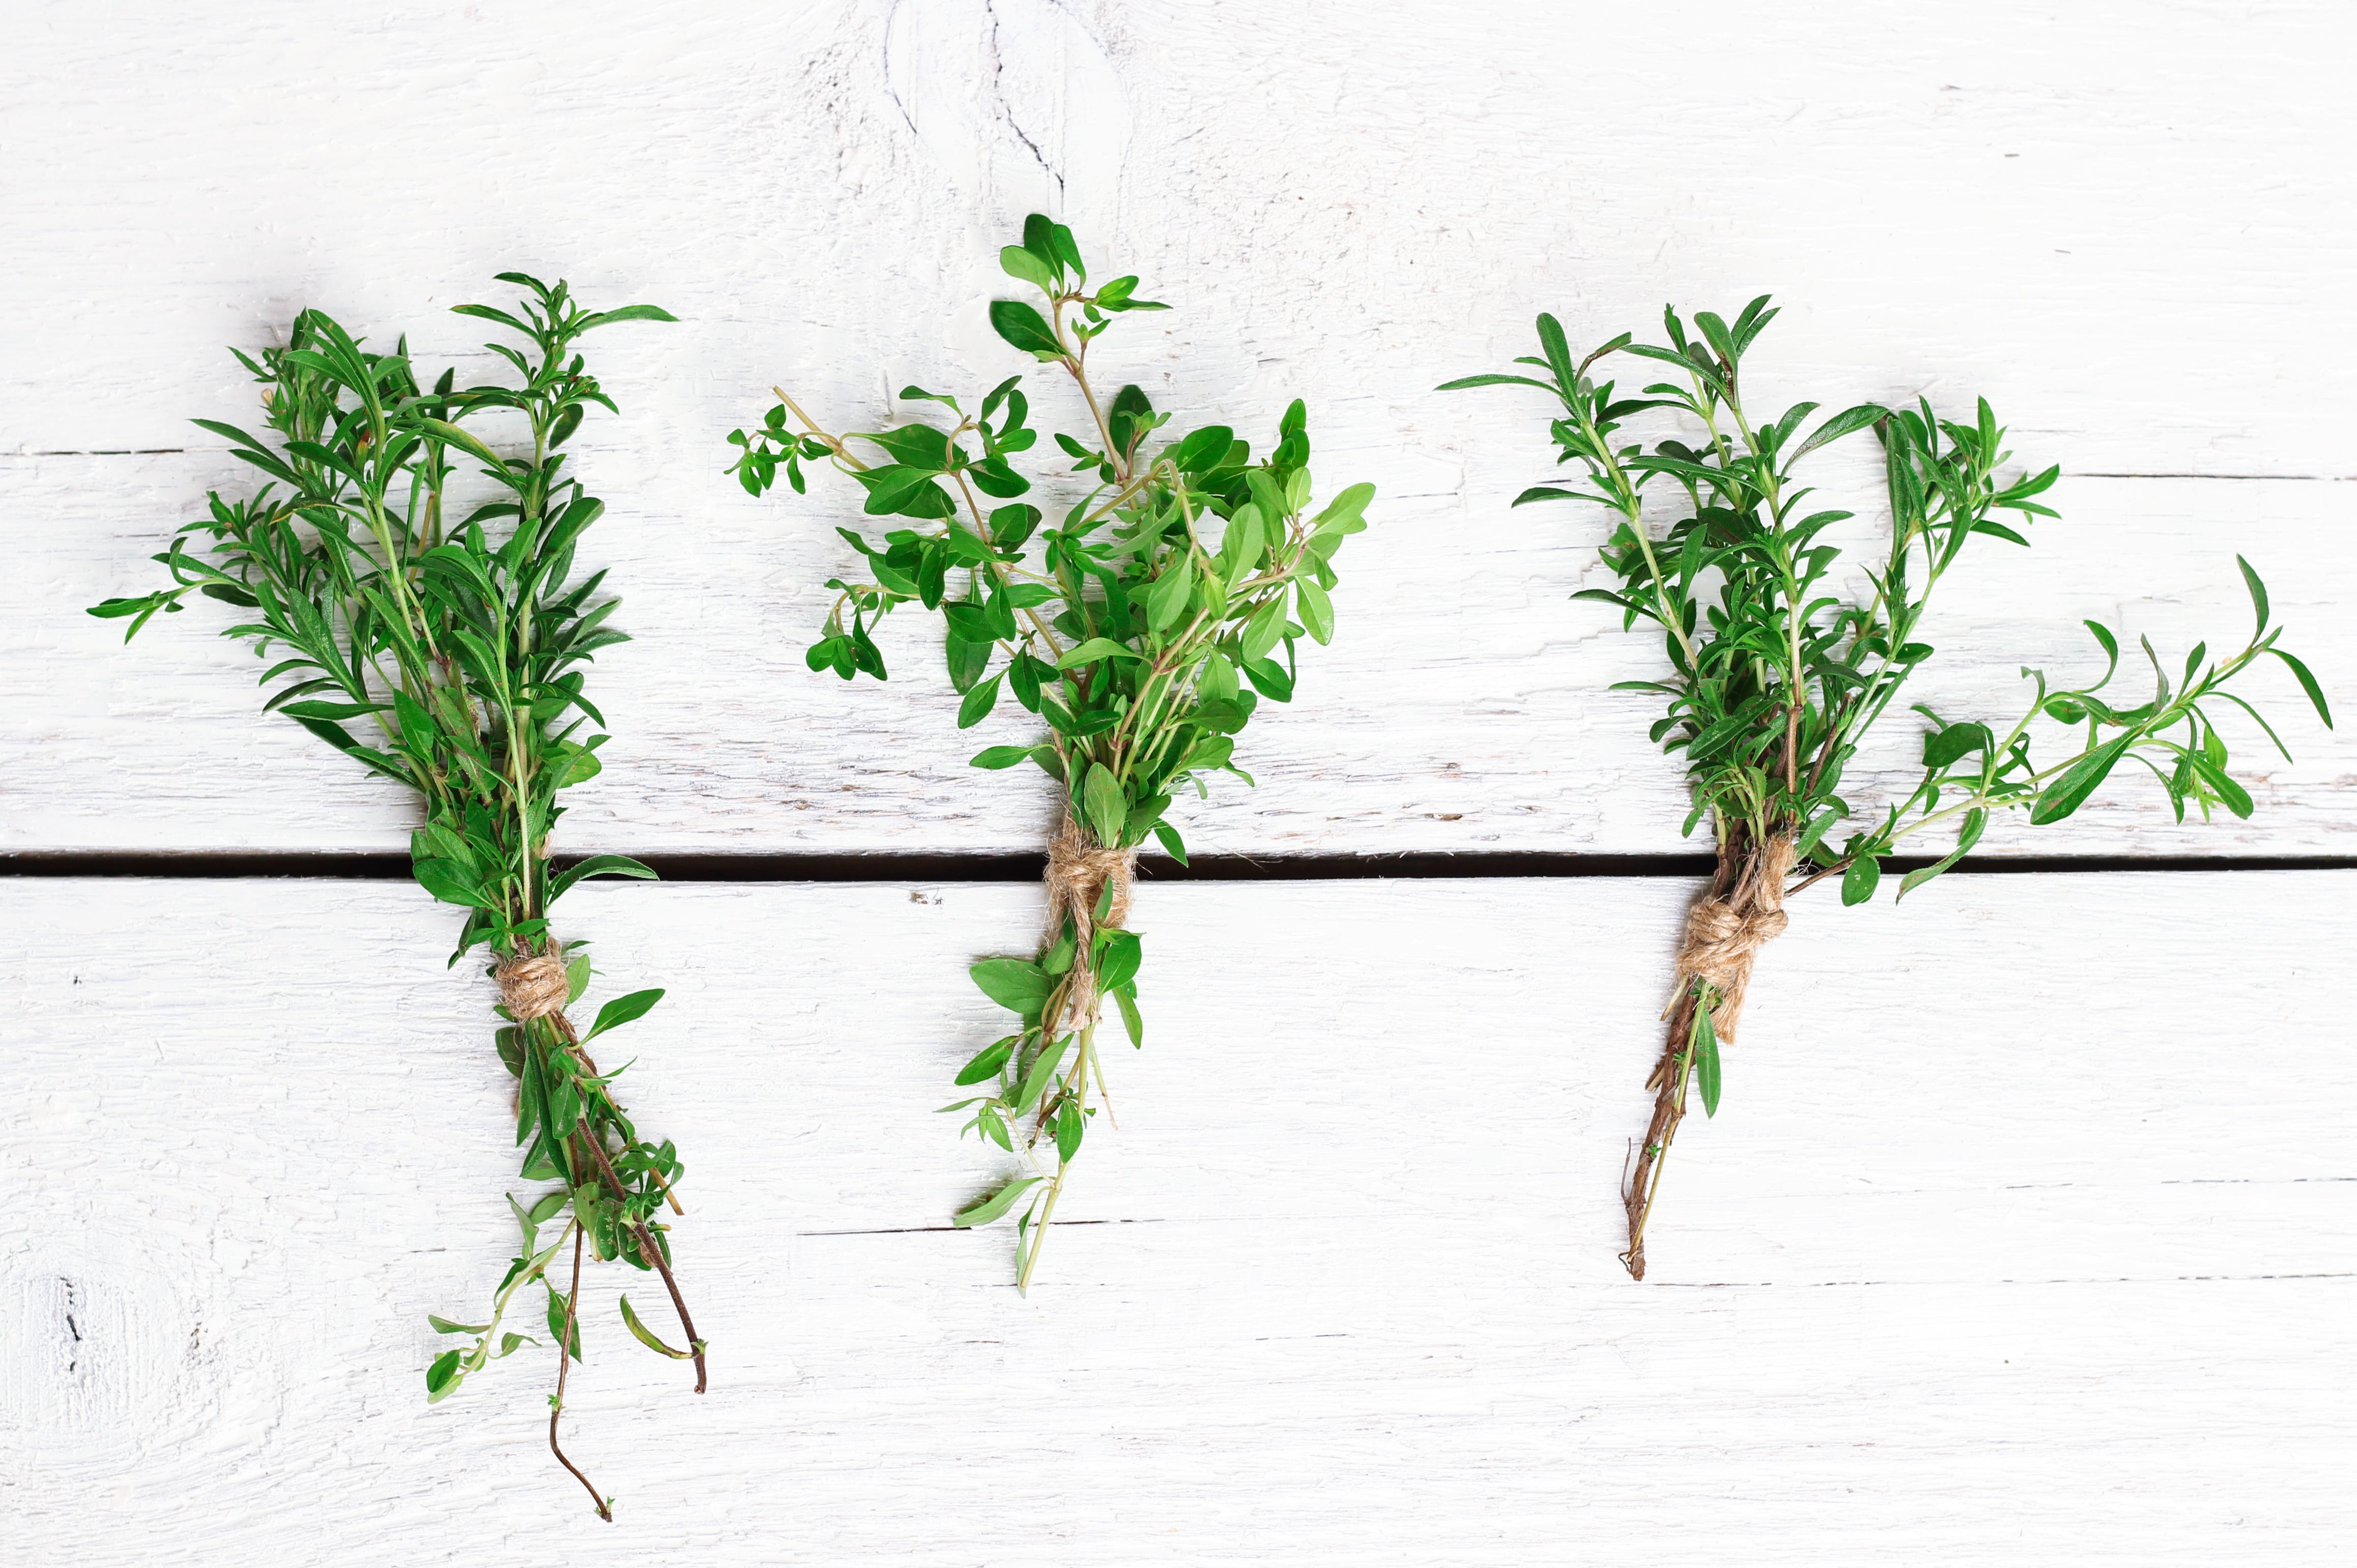 5 consigli per coltivare le aromatiche in inverno fito - Coltivare piante aromatiche in casa ...